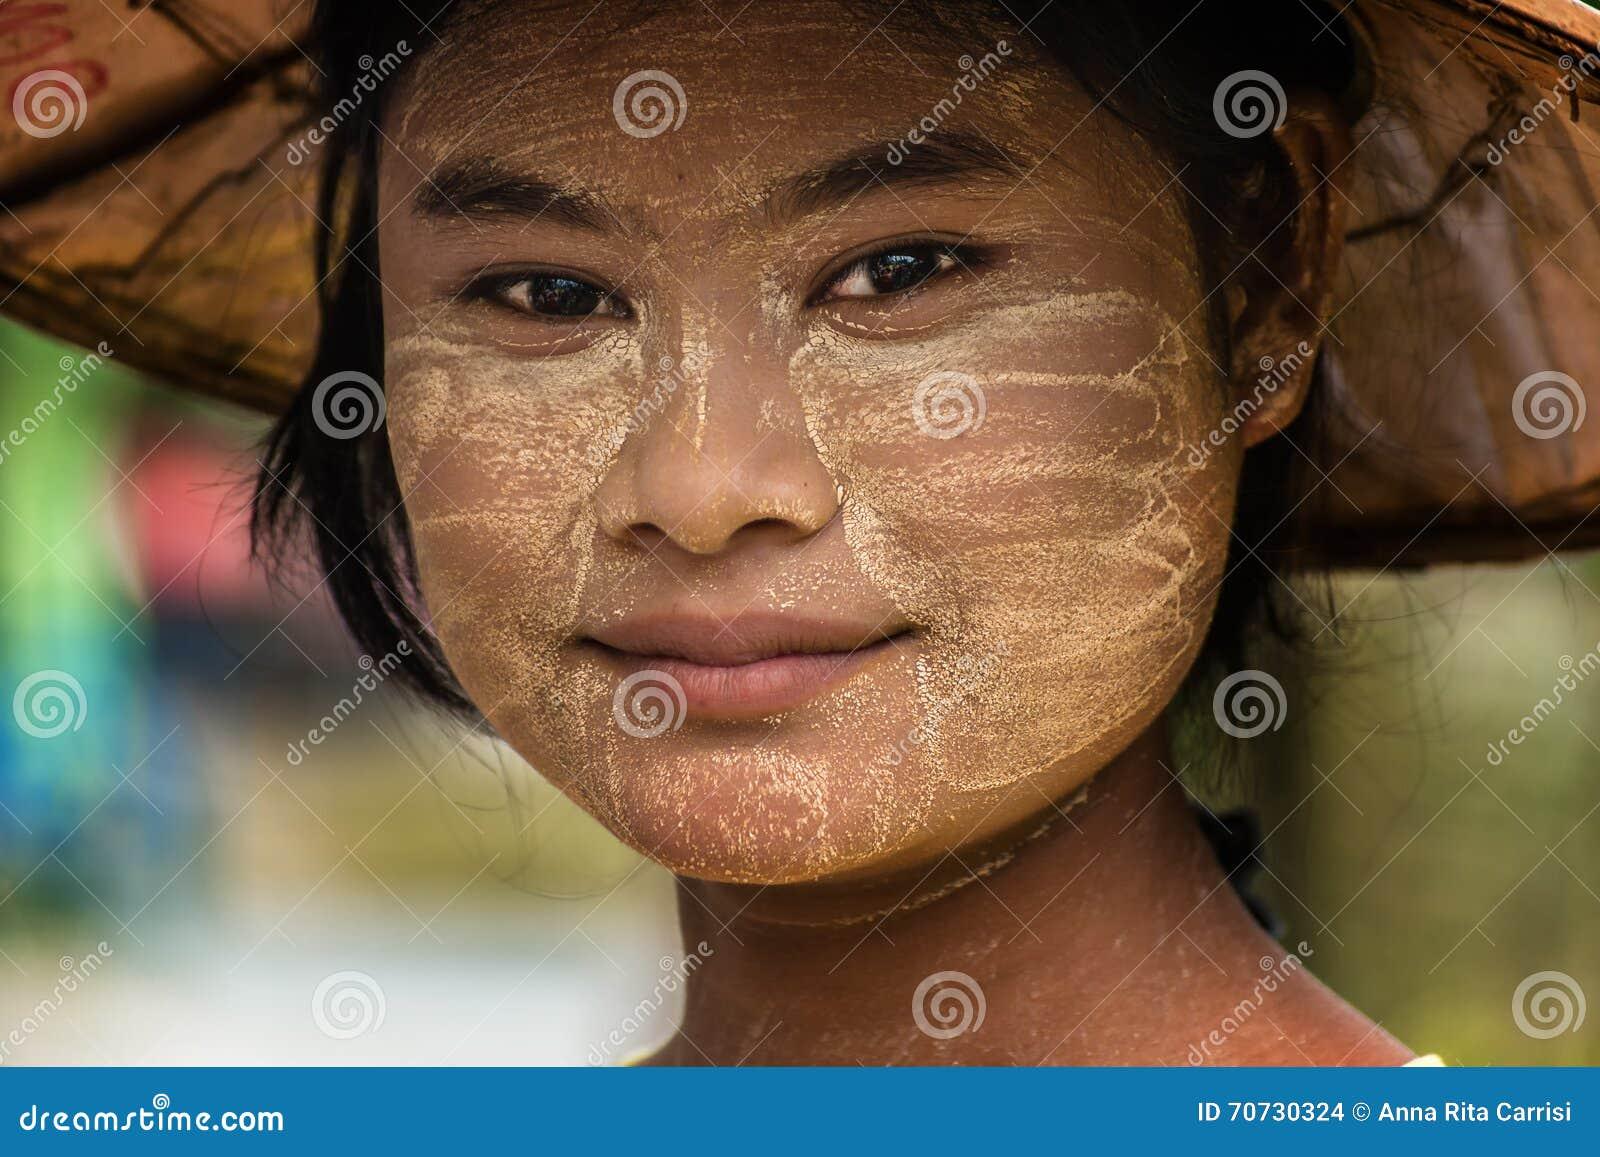 Burmese girl Myanmar